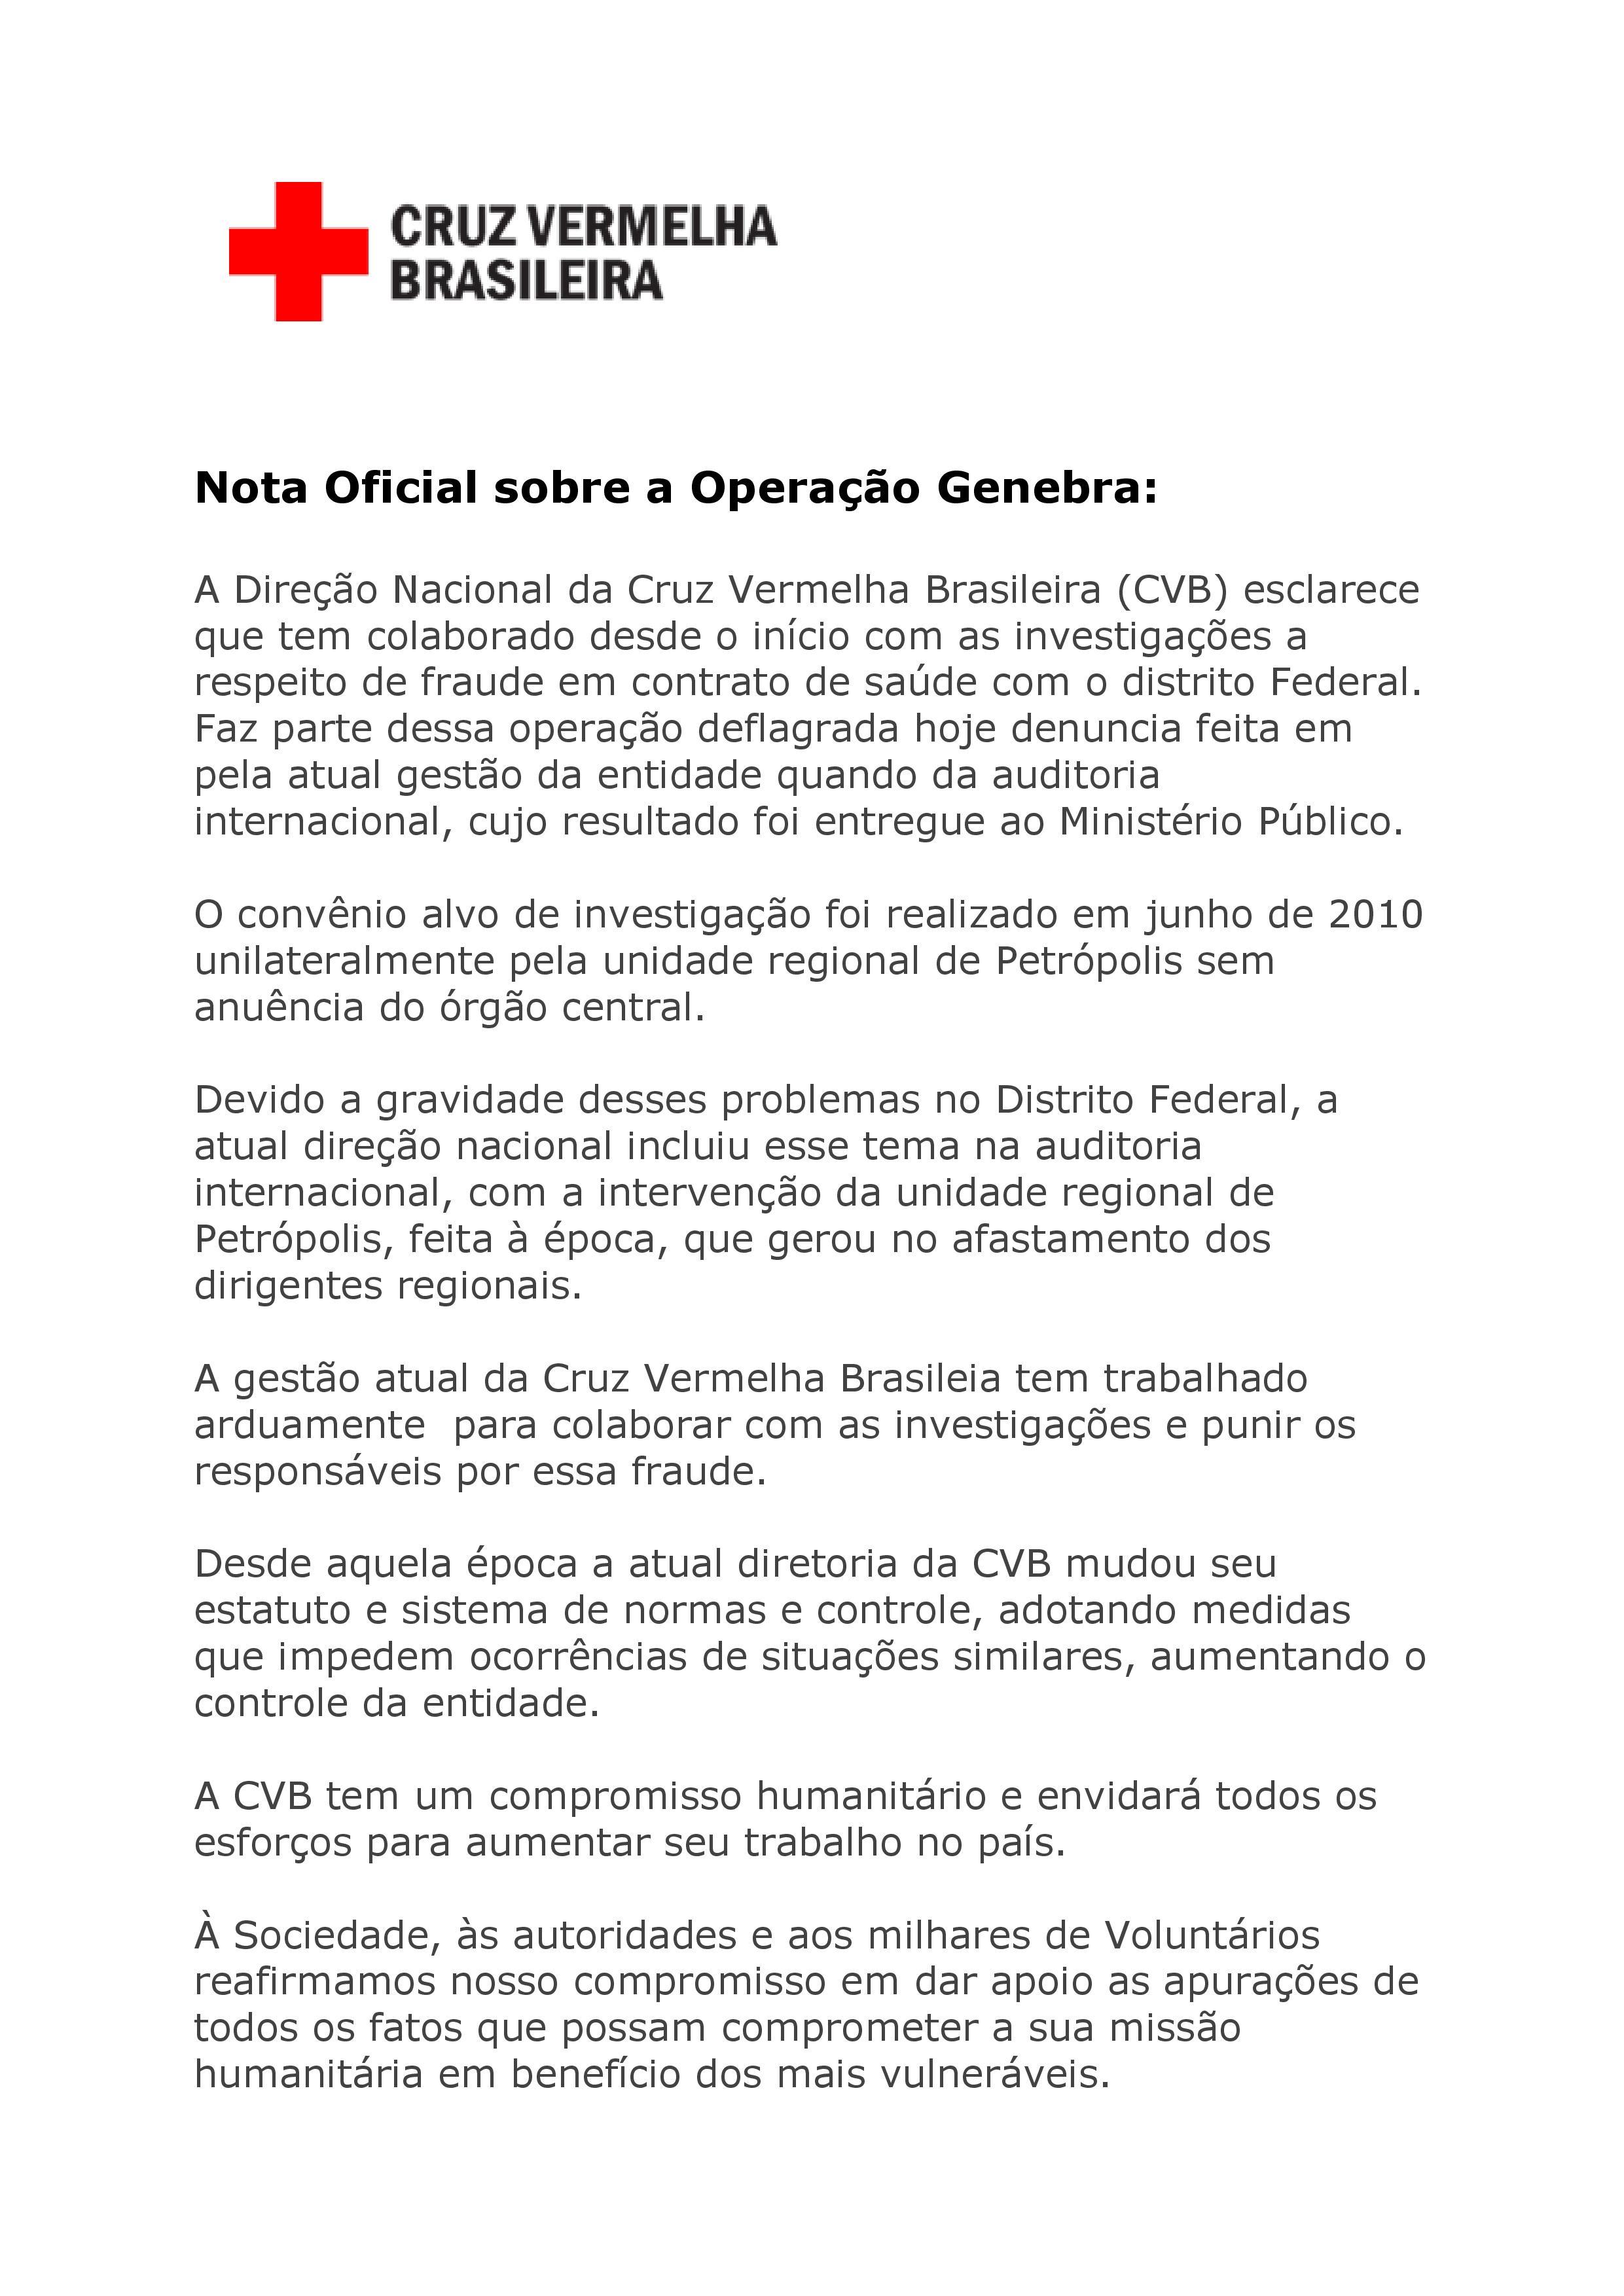 Nota Oficial sobre a Operação Genebra (1)-page-001